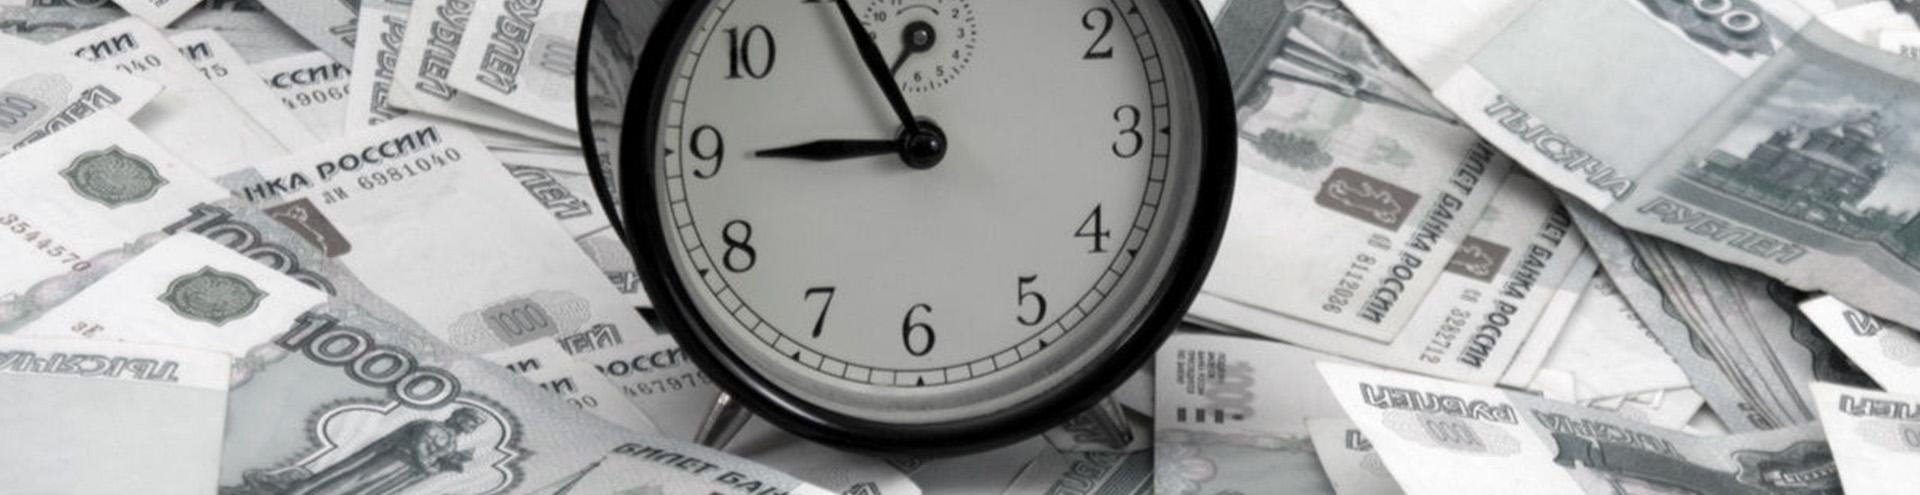 судебное взыскание долгов в Чебоксарах и Чувашской Республике